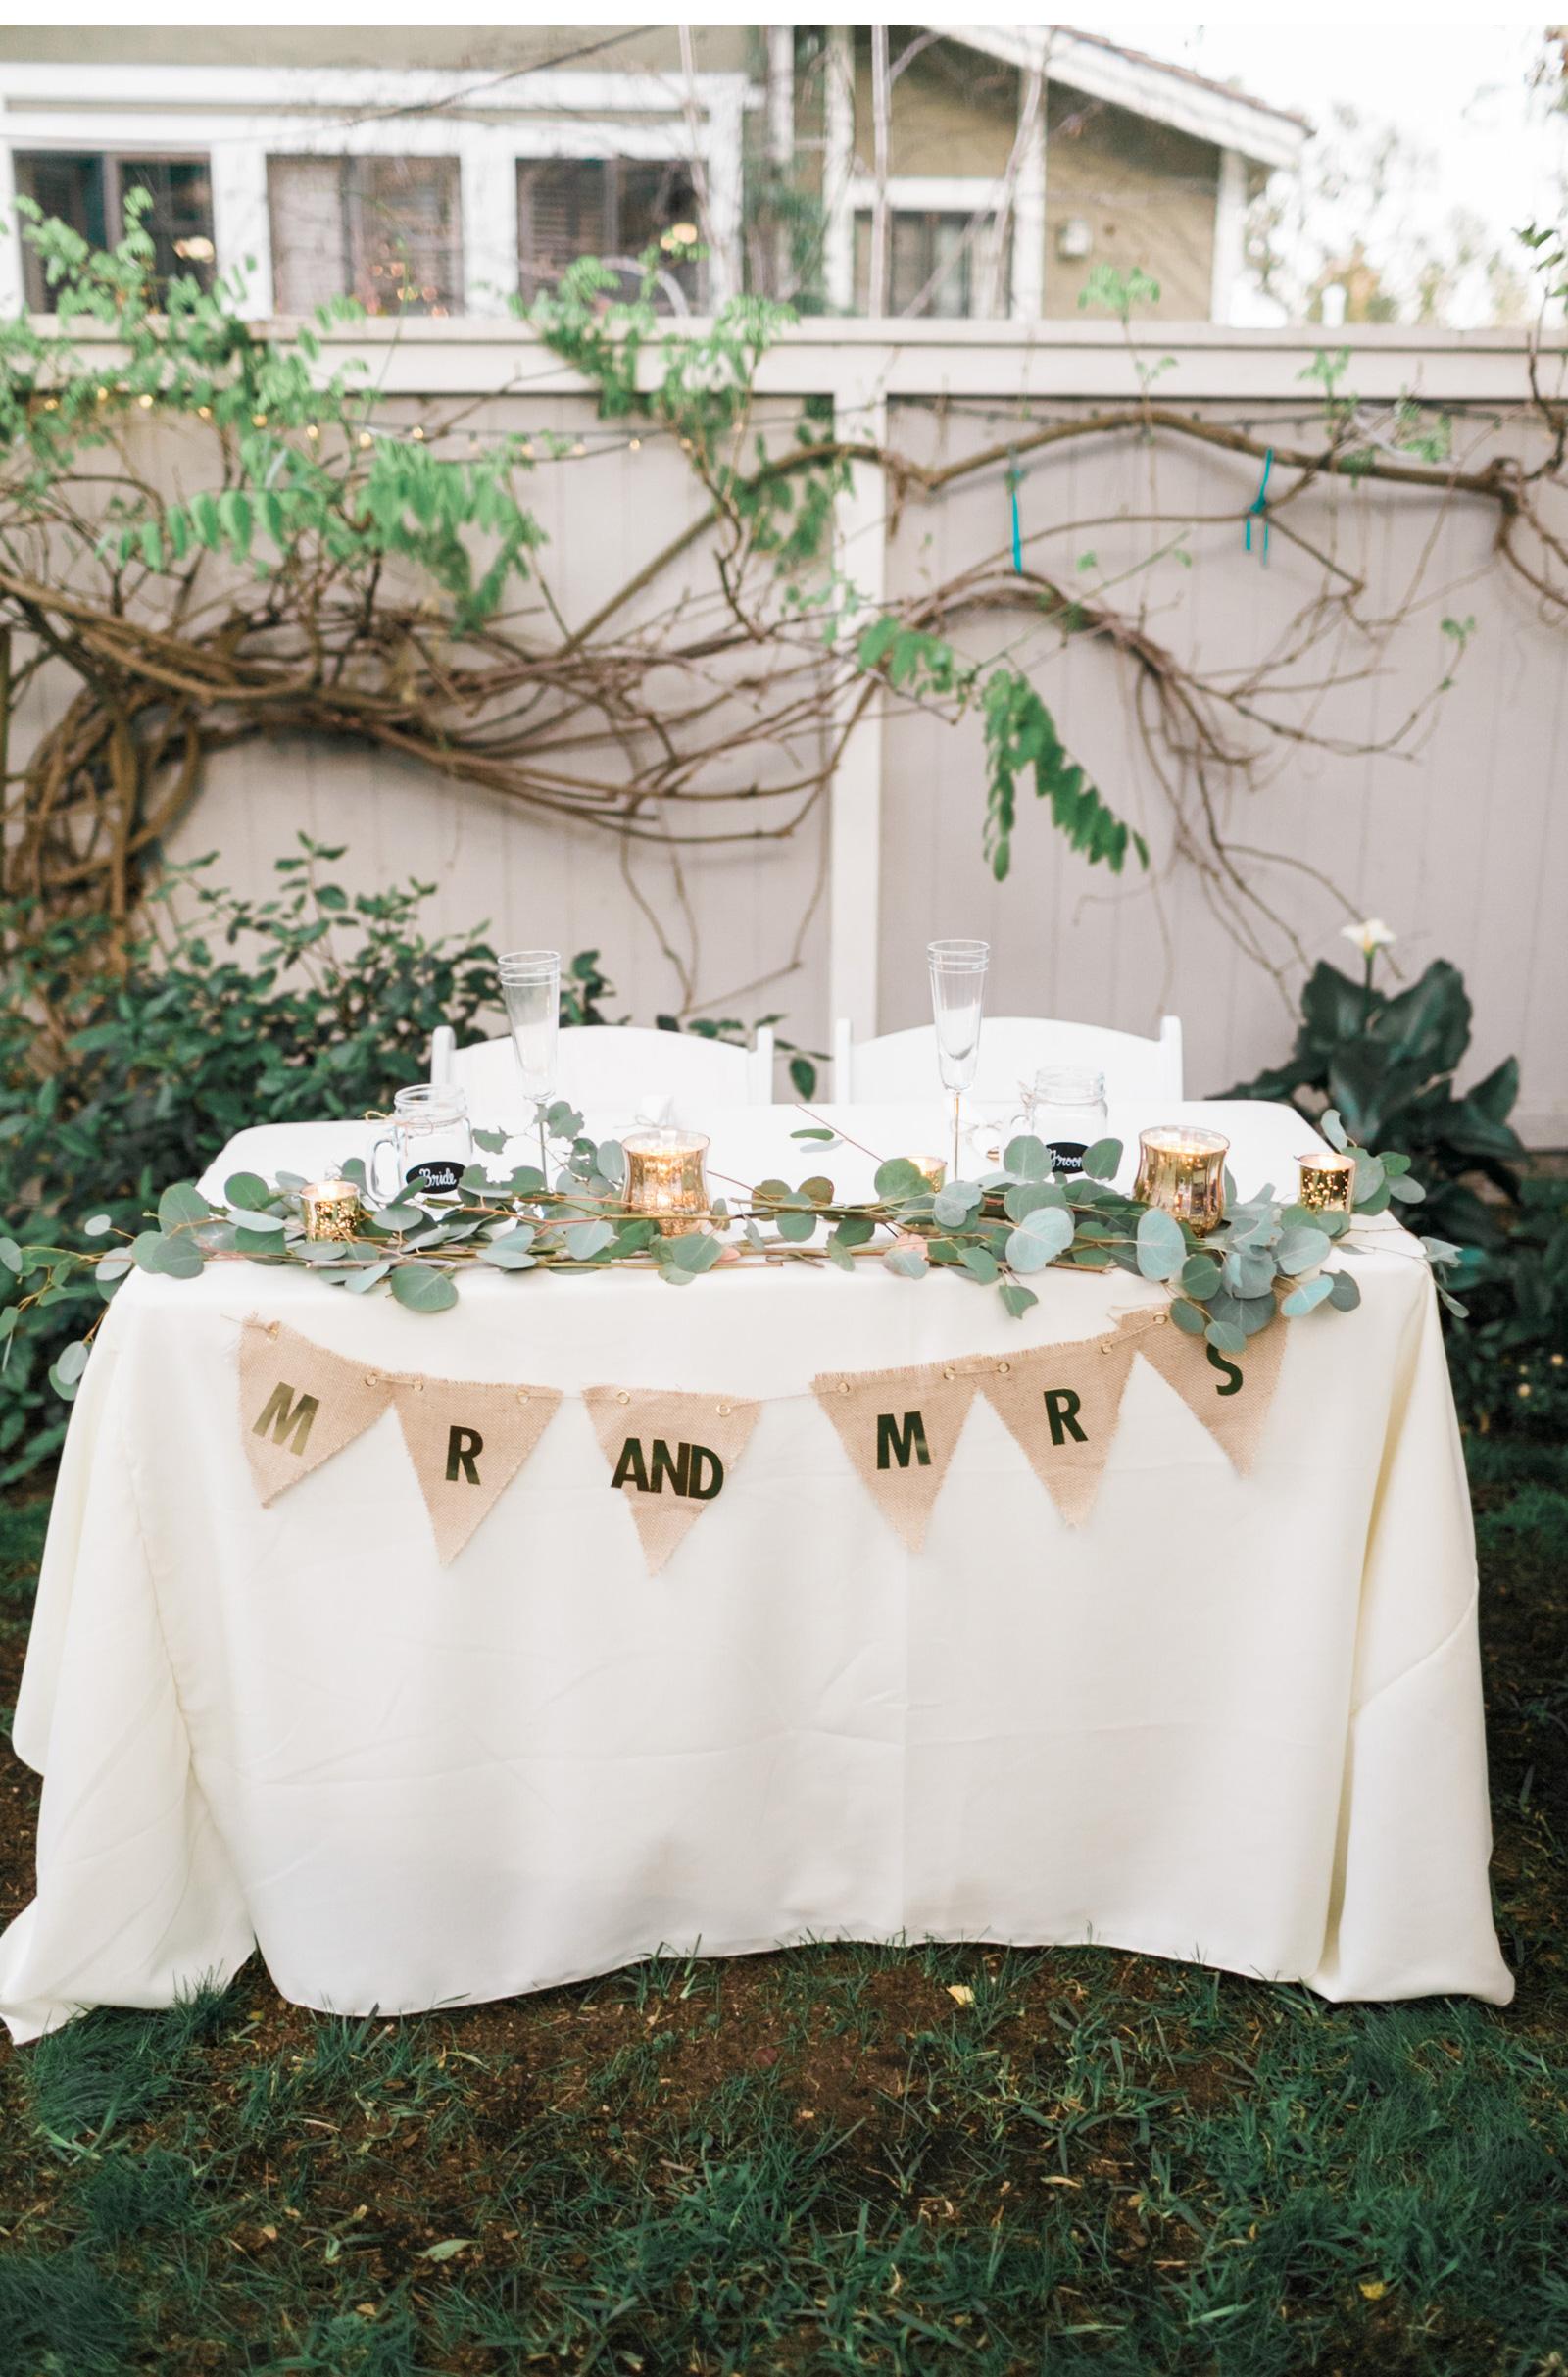 Natalie-Schutt-Photography-Backyard-Wedding-_04.jpg